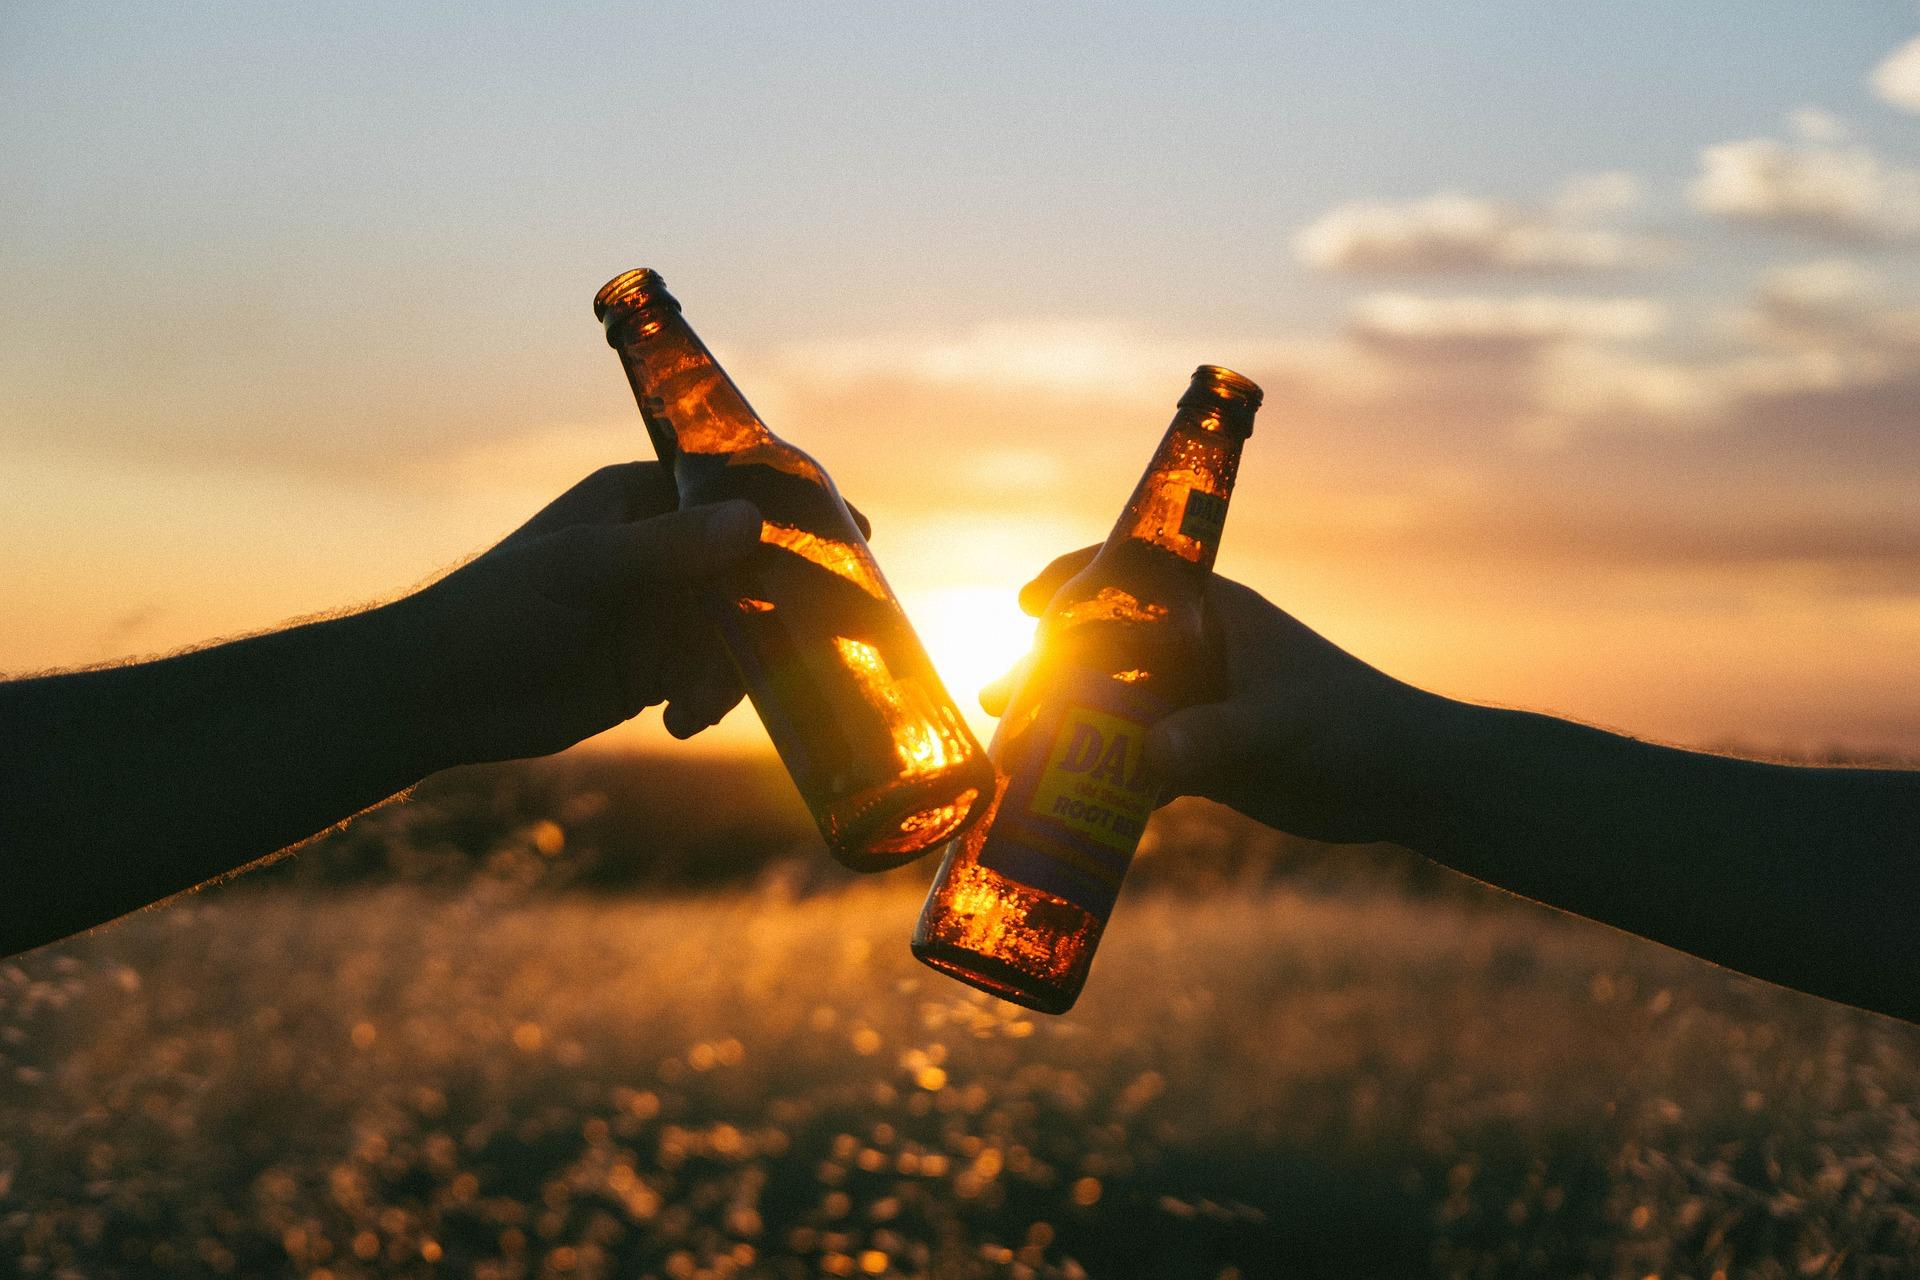 Тост, Дружба, пиво, пара, расслабиться - Обои HD - Профессор falken.com